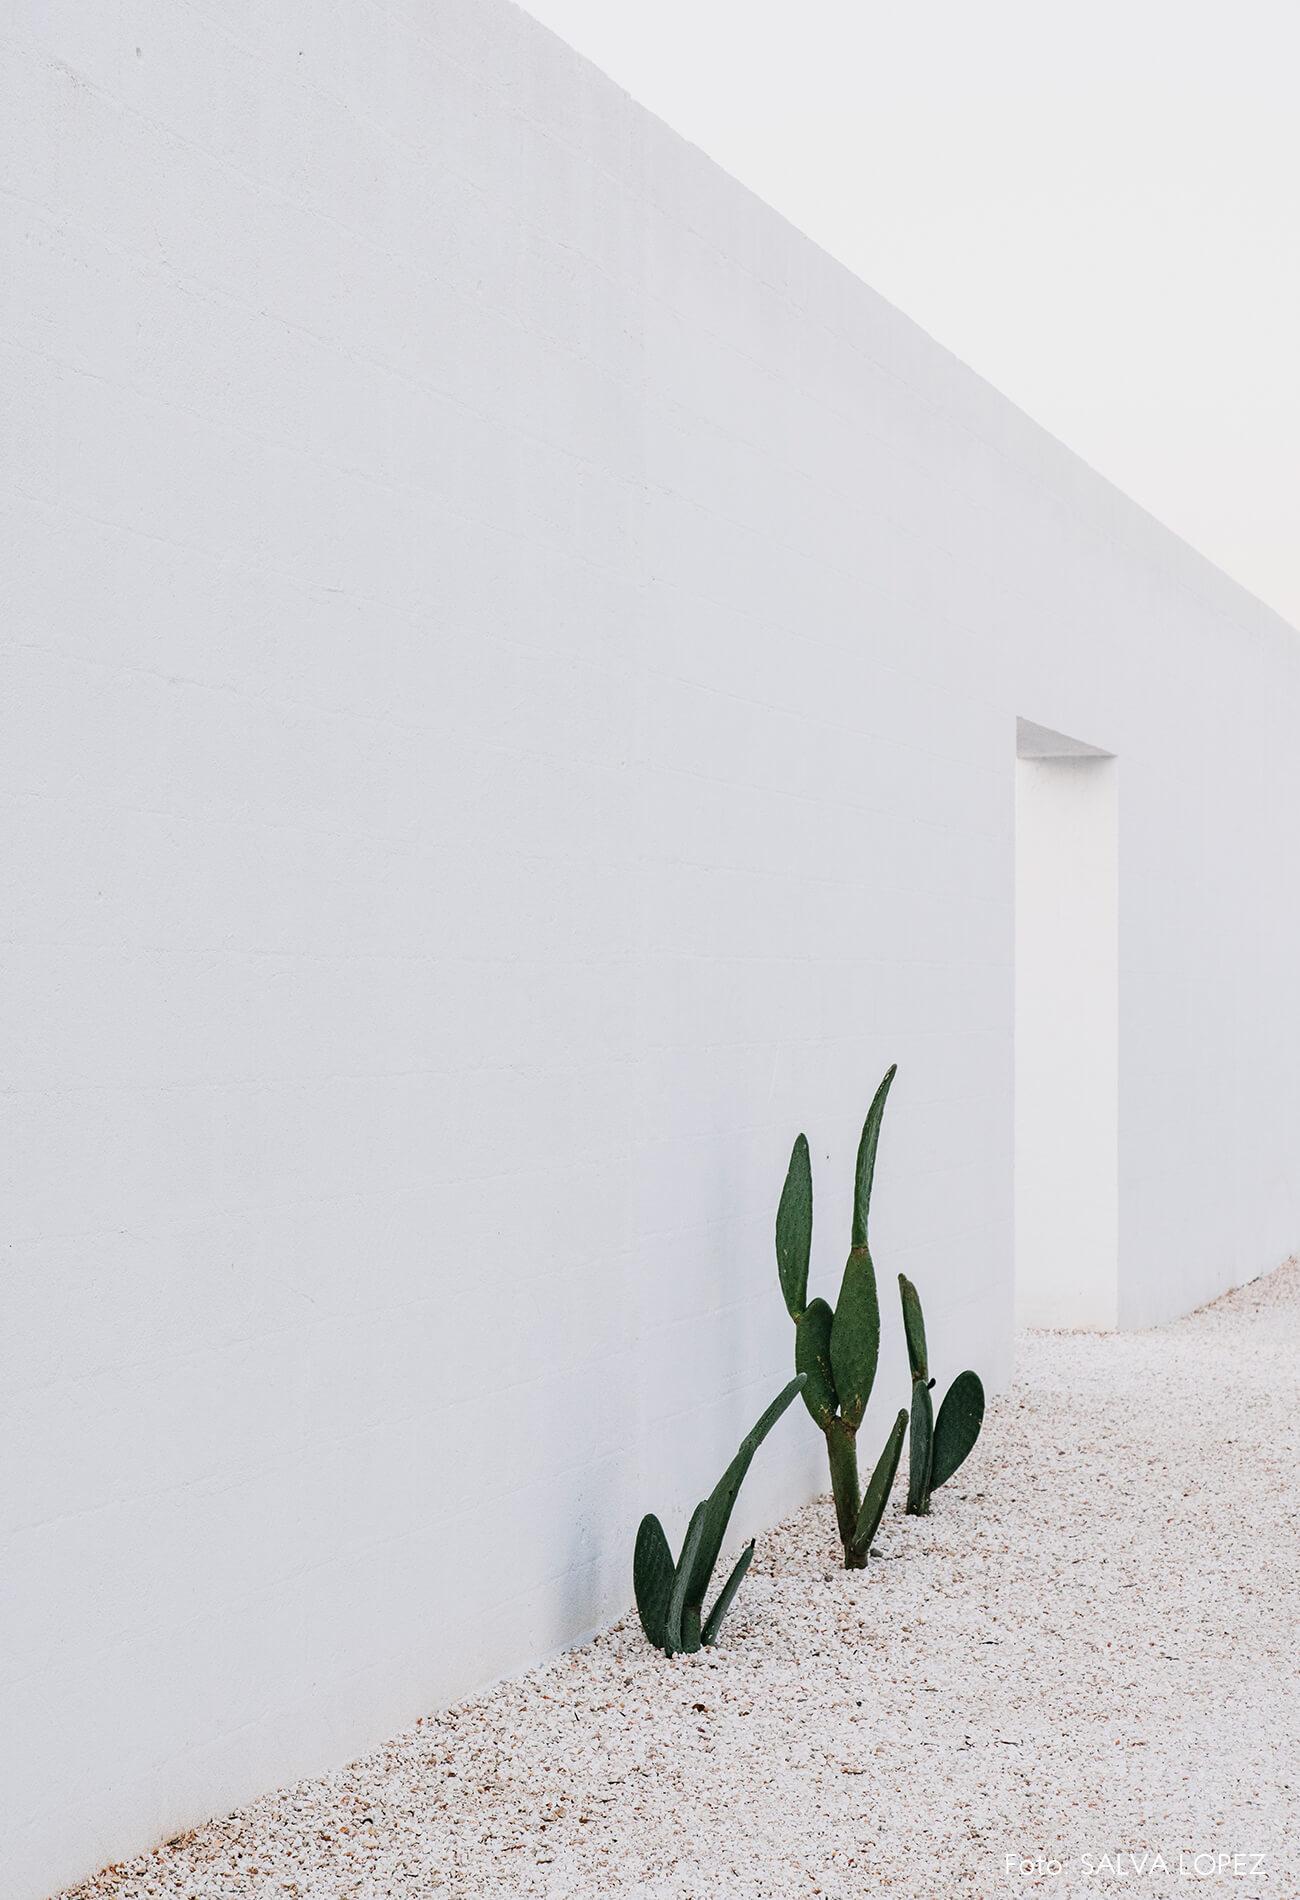 puglia-arquitetura-parede-branca